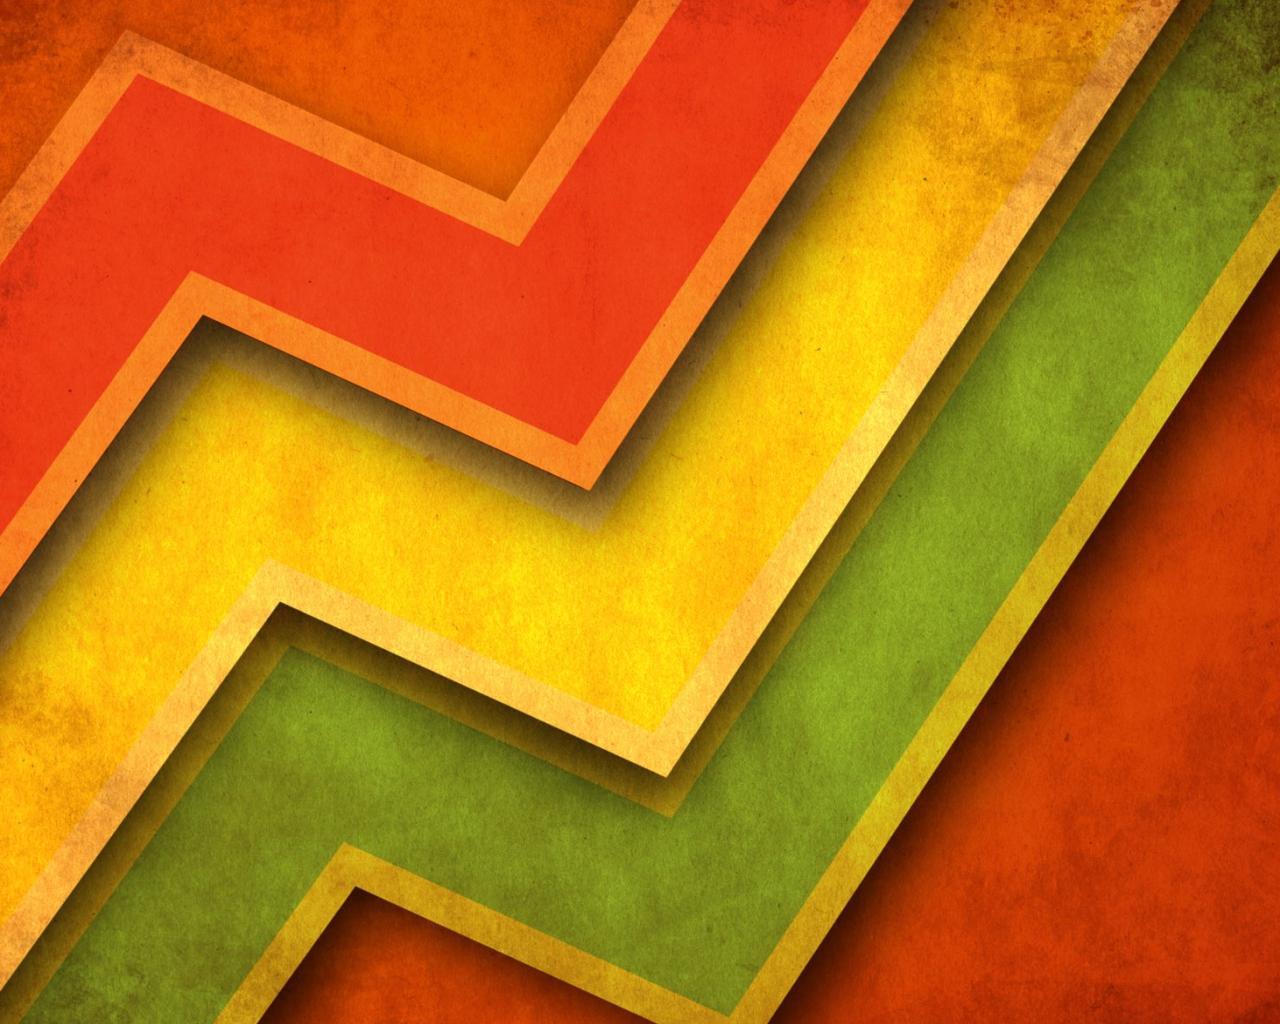 Яркая абстракция 1920x1200 пикселей обои